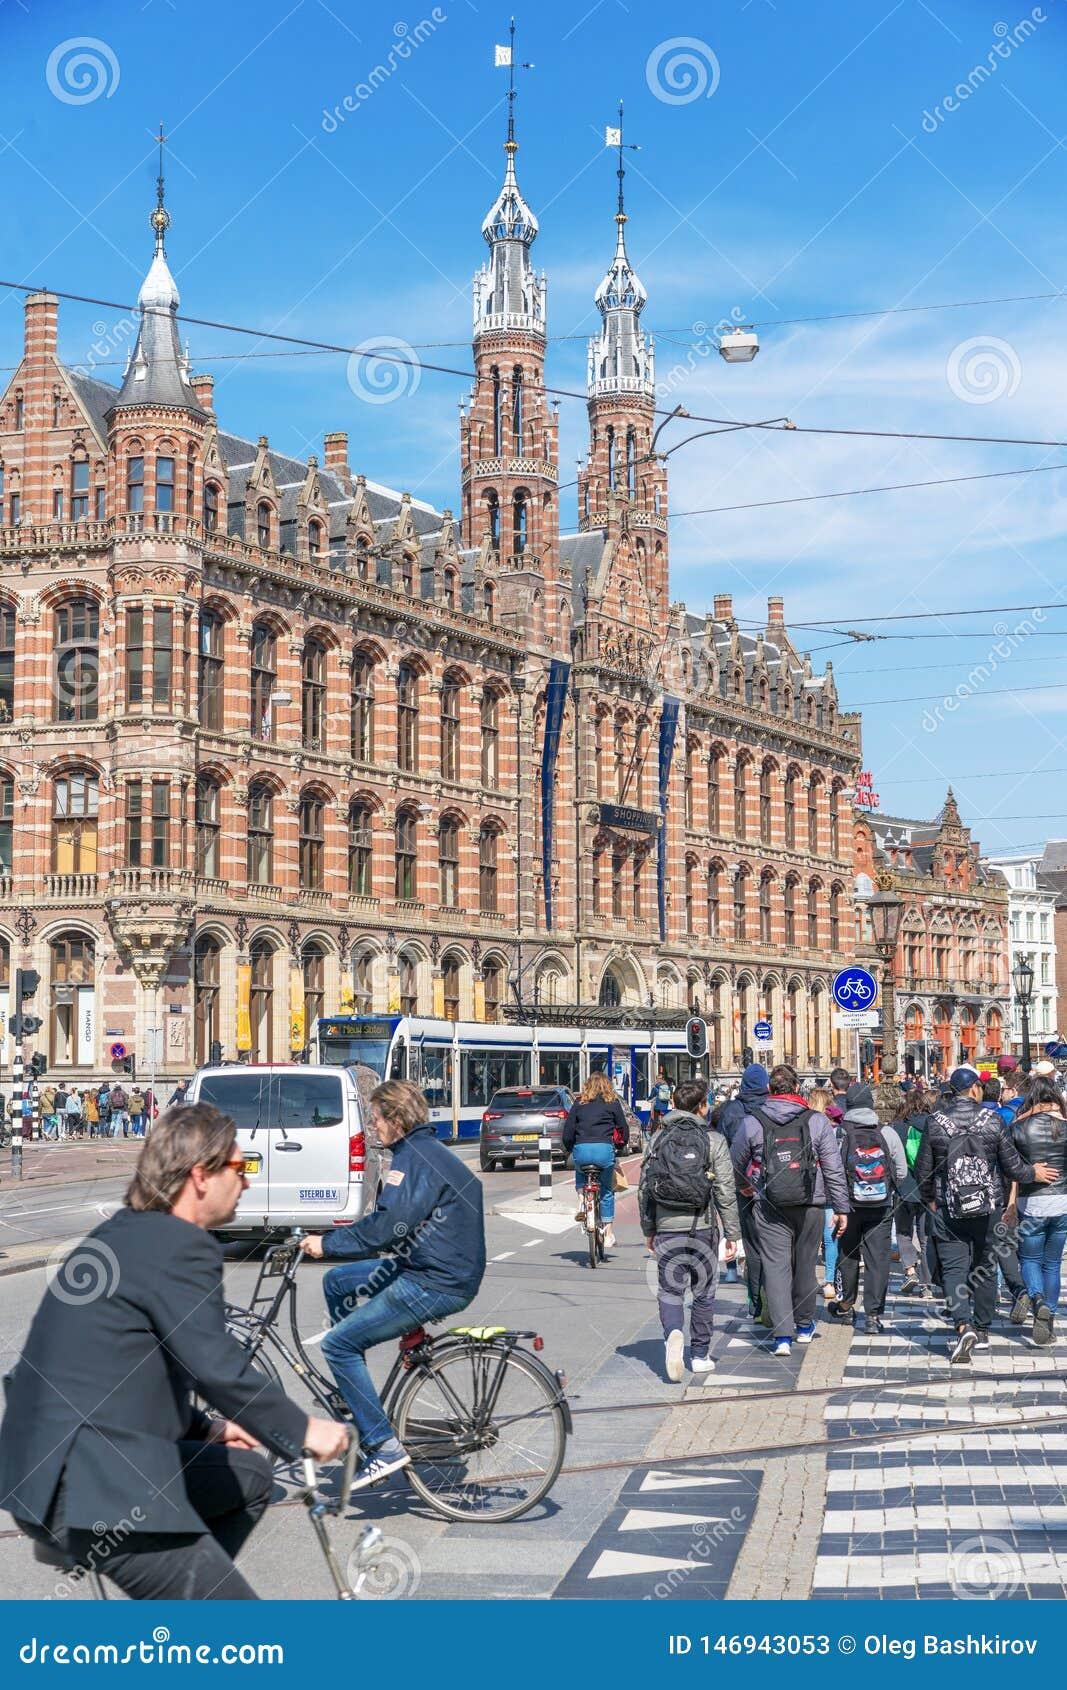 Amsterdam, Pays-Bas - 9 avril 2019 : Bicyclettes classiques et maisons historiques ? vieil Amsterdam Rue typique ? Amsterdam avec